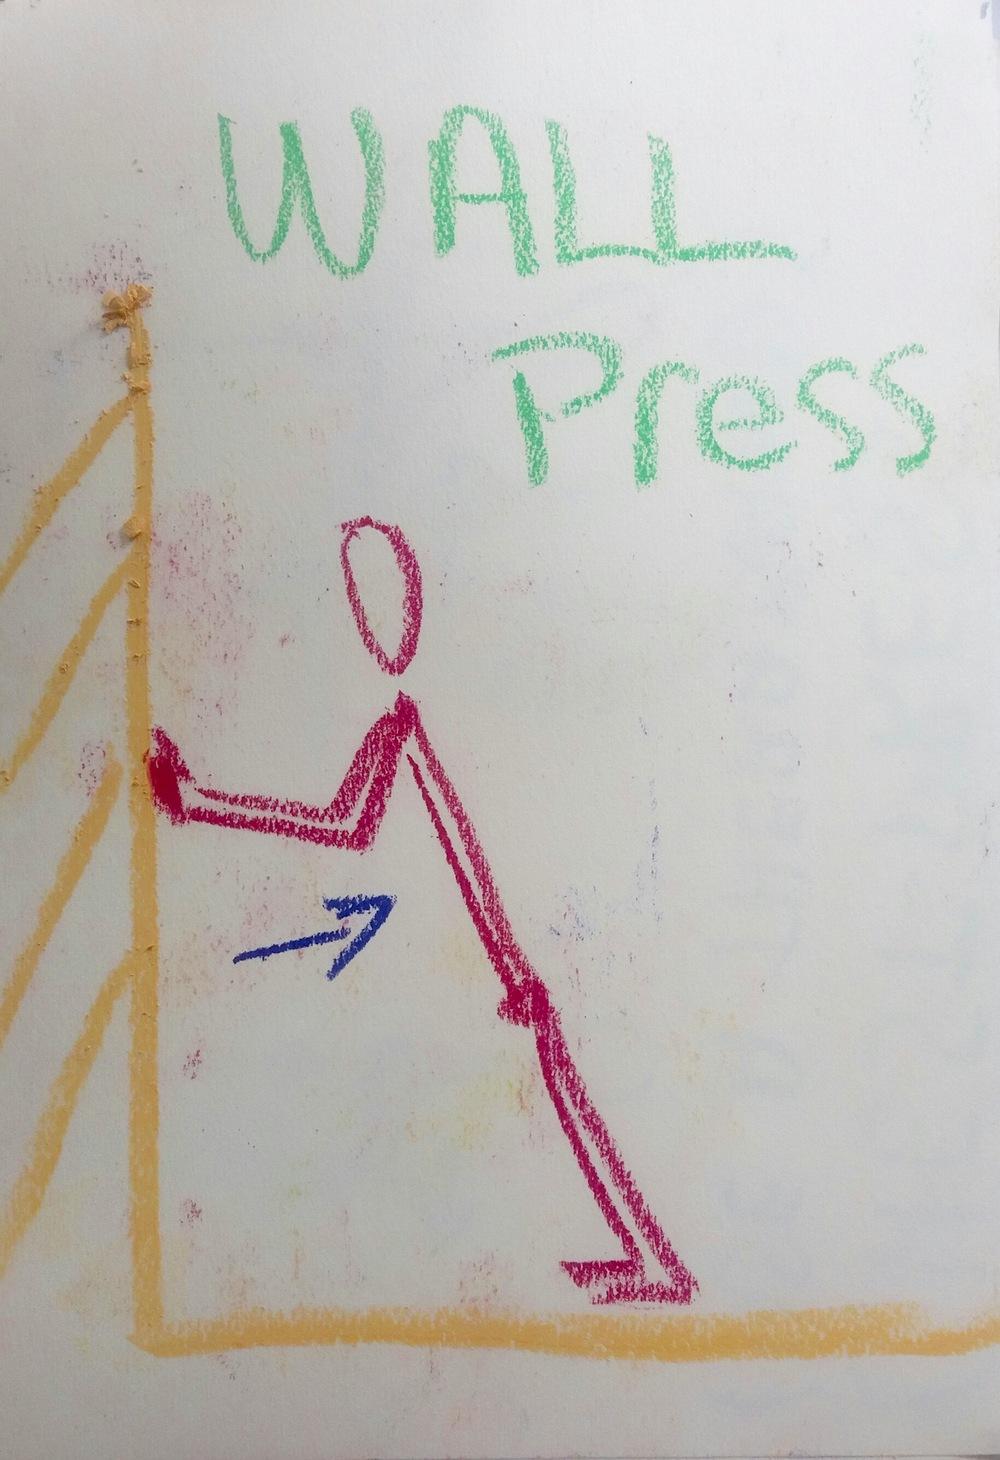 Wall-press